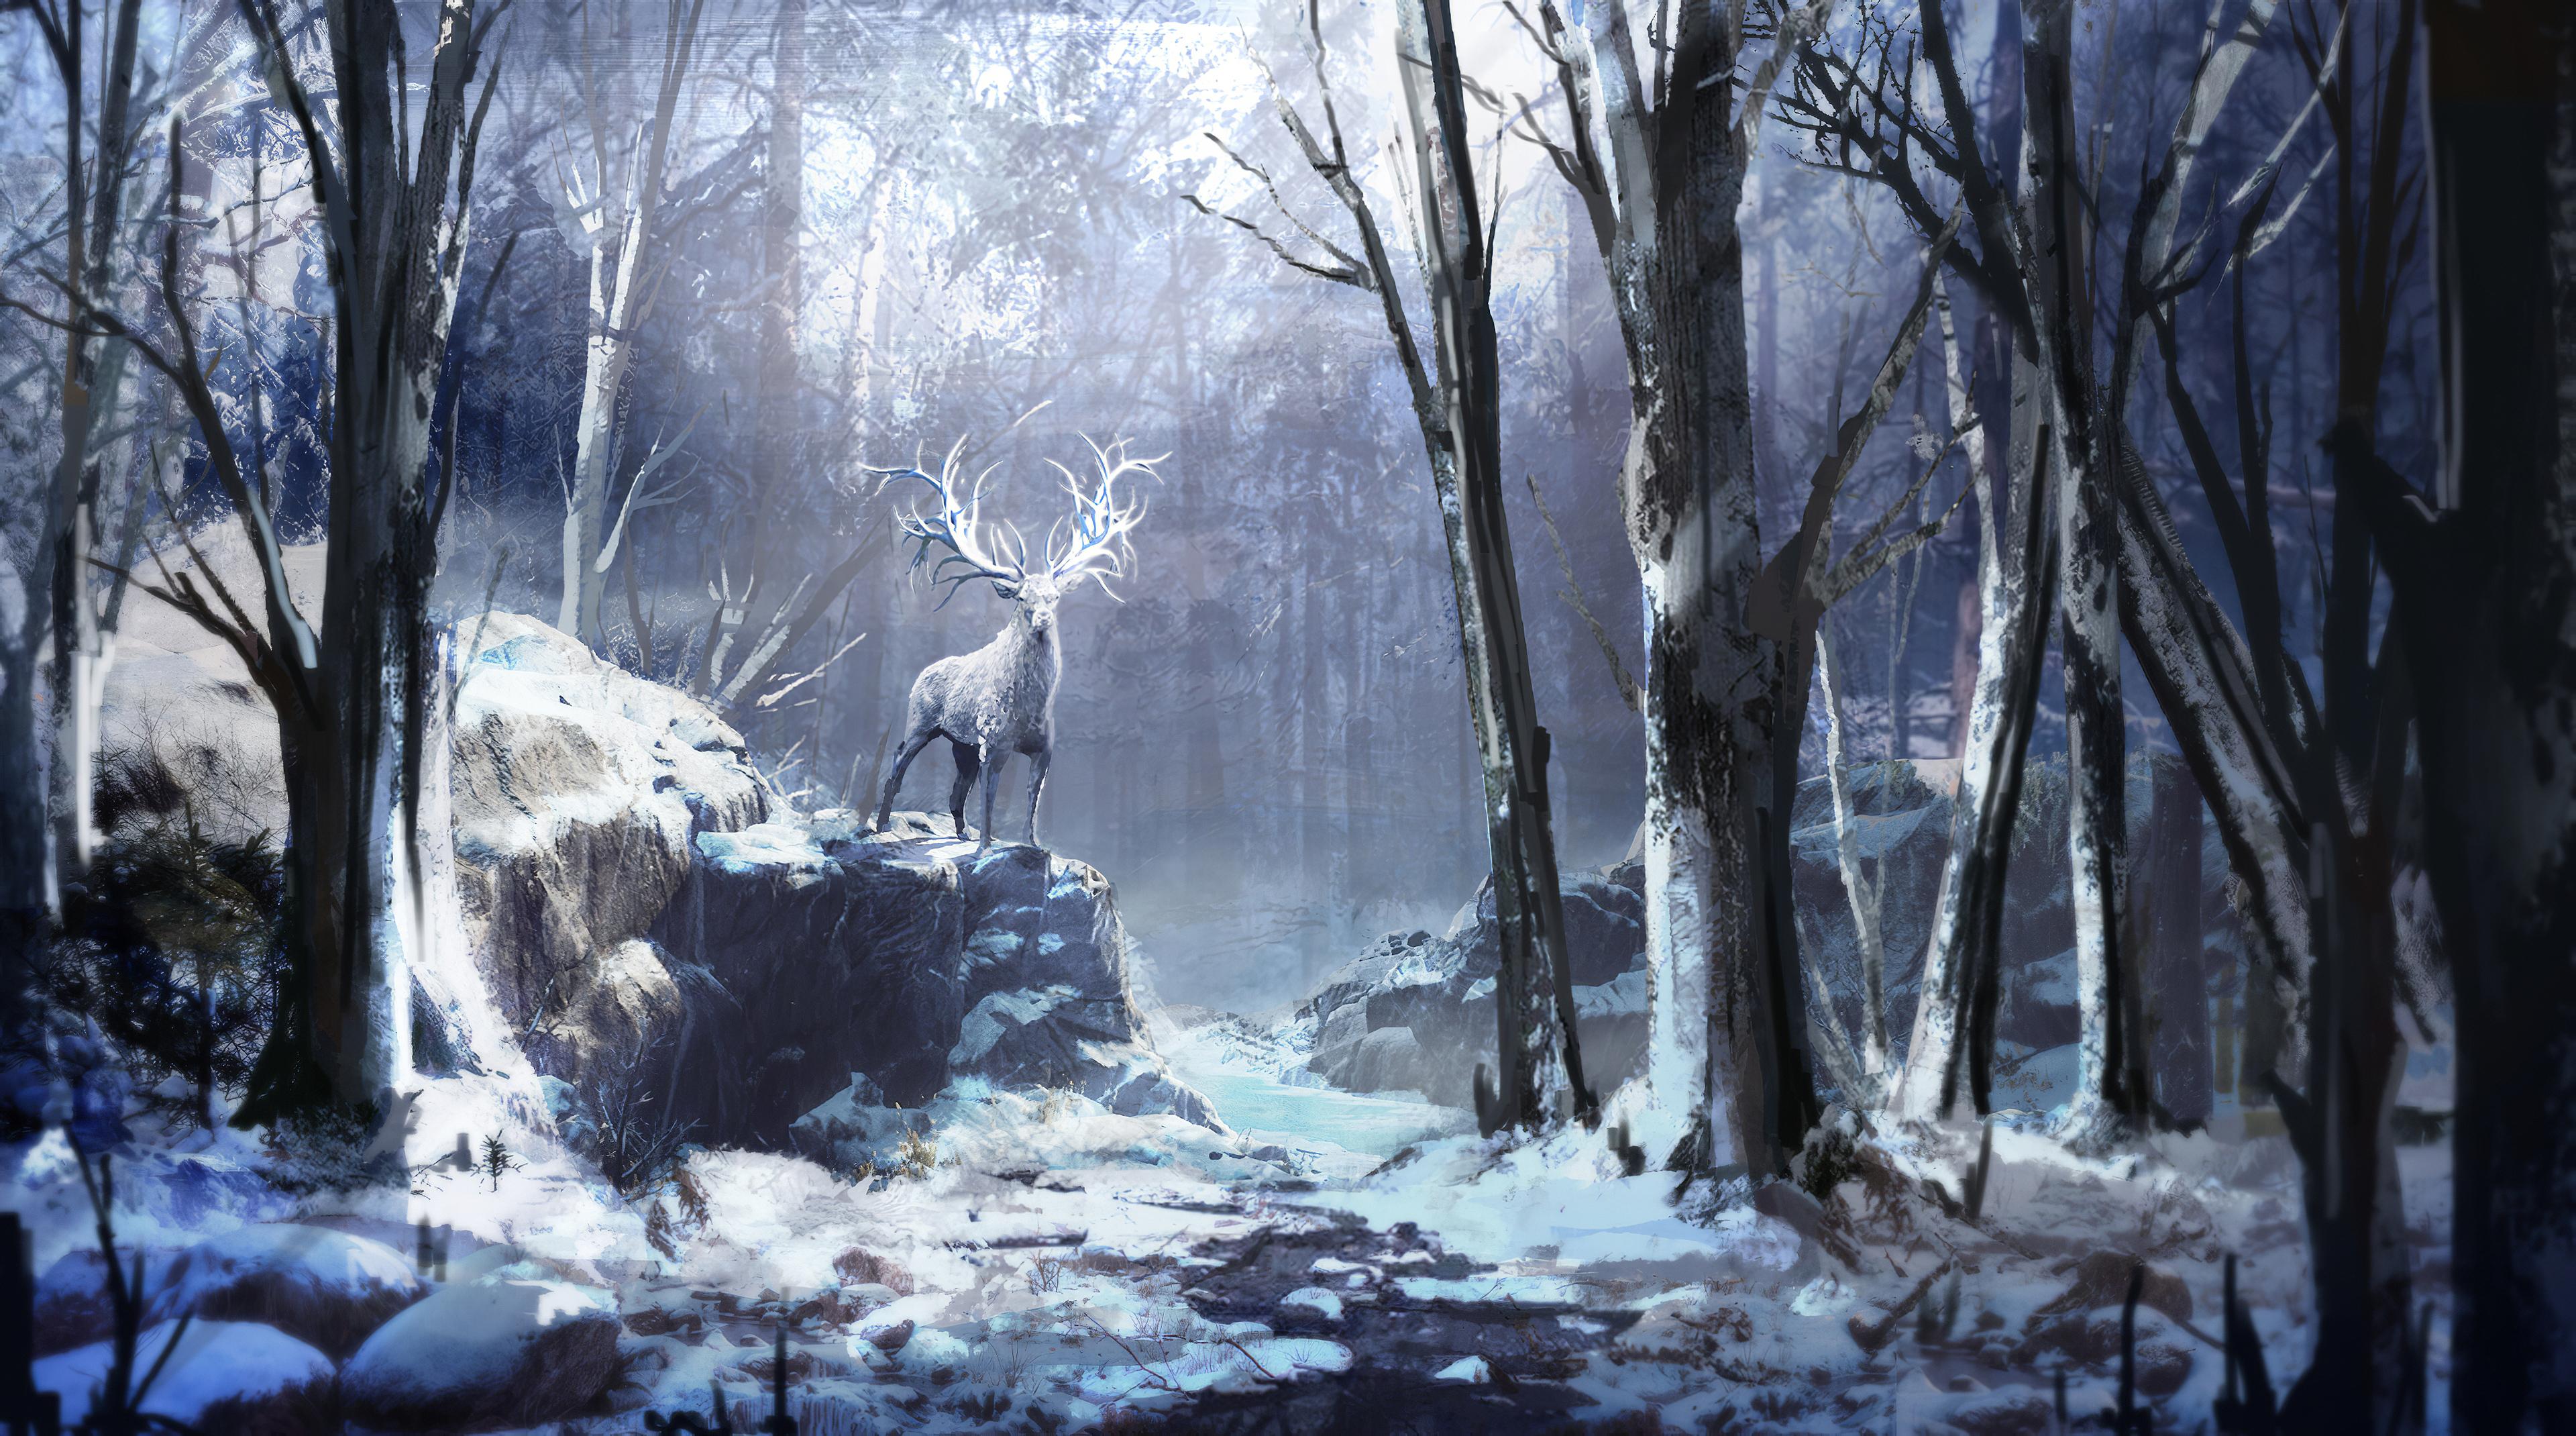 Winter Forest Reindeer 4k, HD Artist, 4k Wallpapers ...